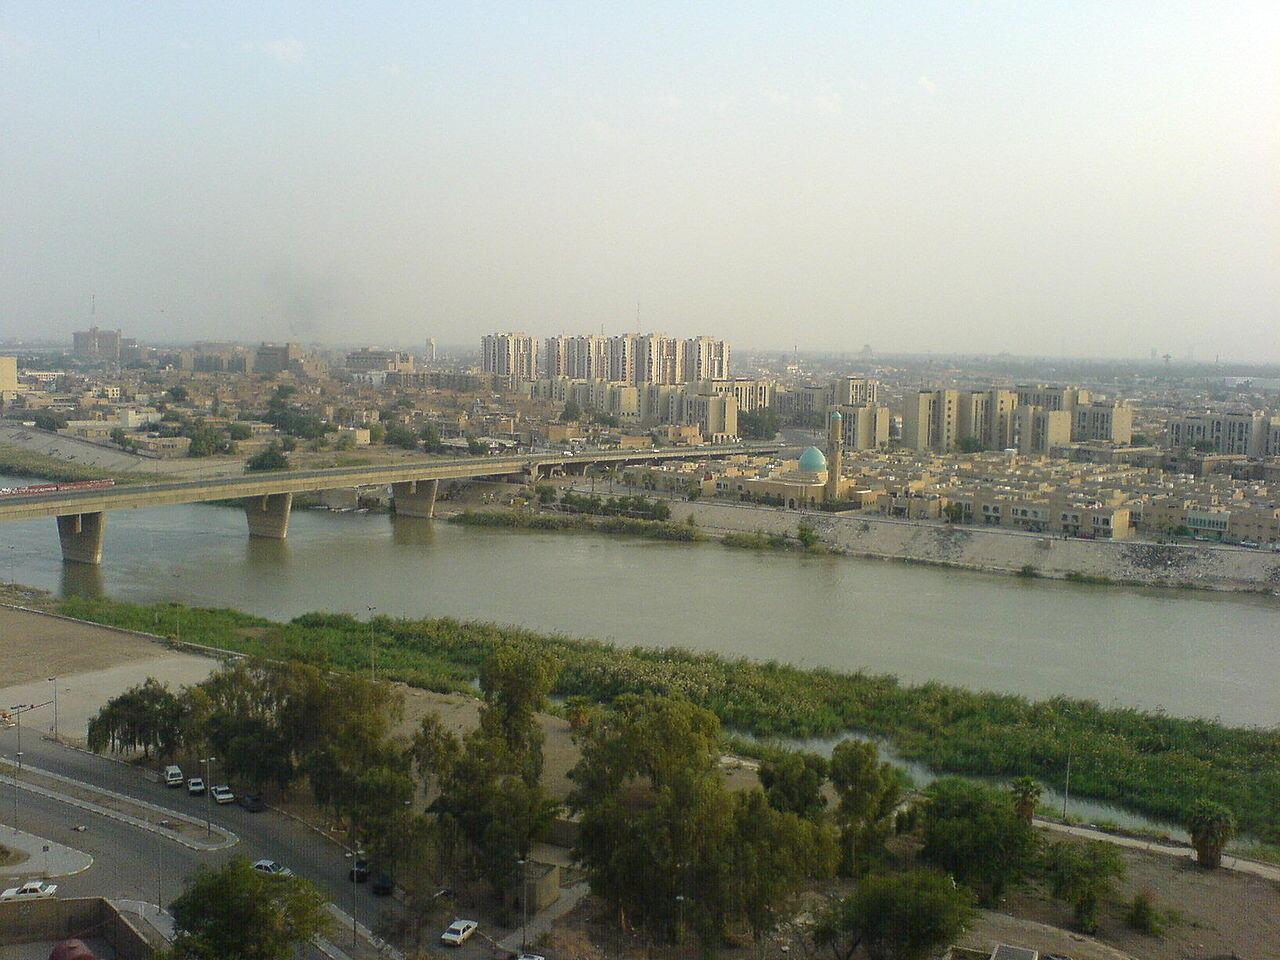 Vue de la rue d'Haïfa et le Tigre, à Bagdad.